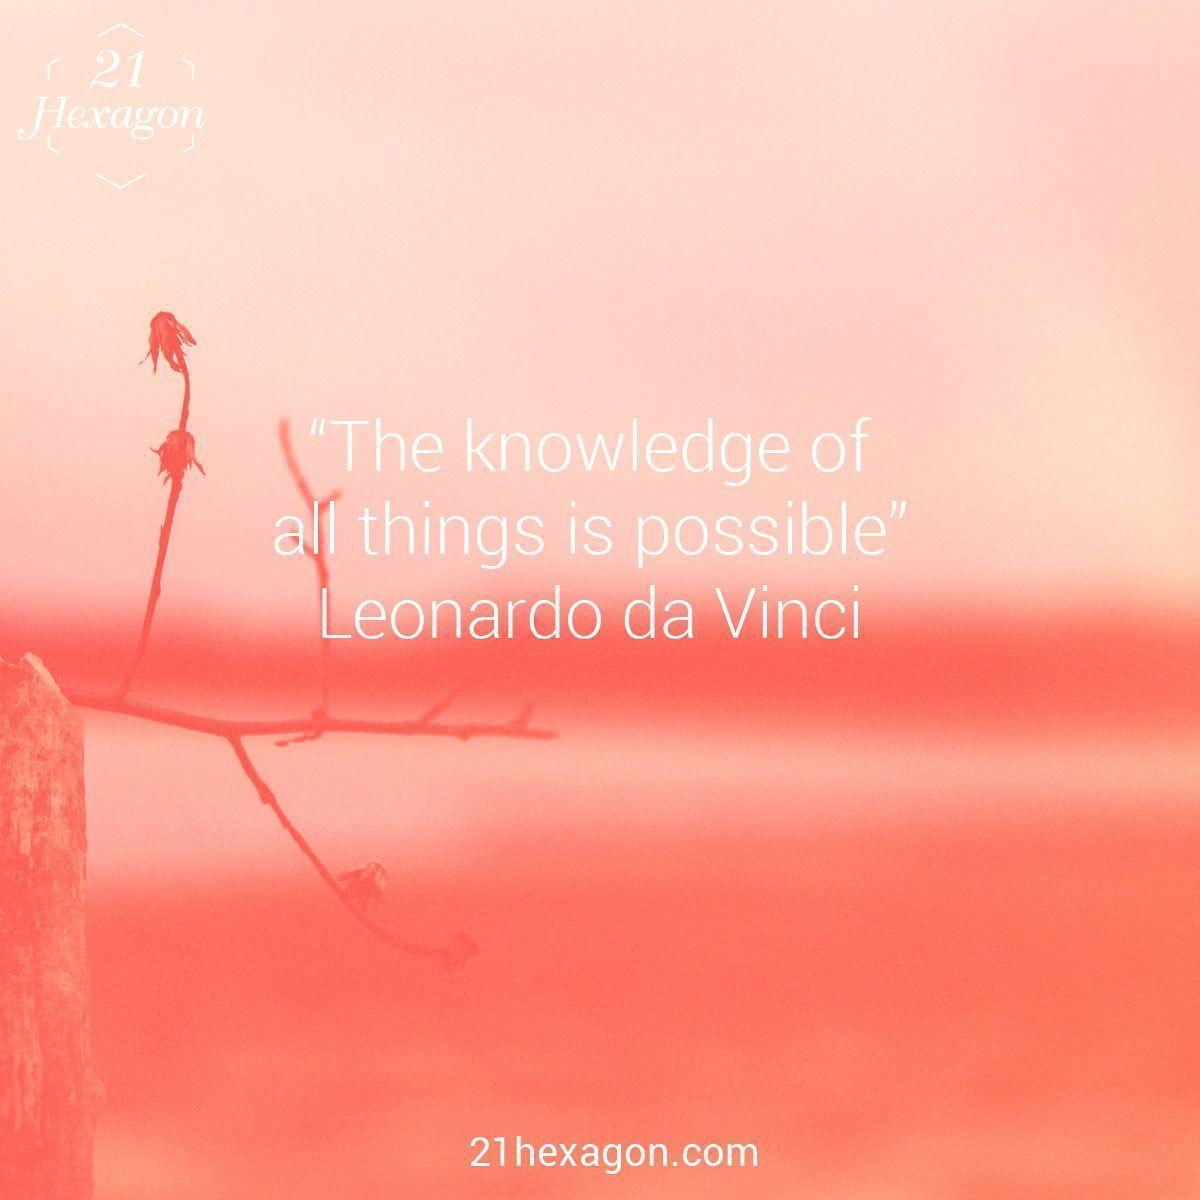 quotes_21hexagon_16.jpg